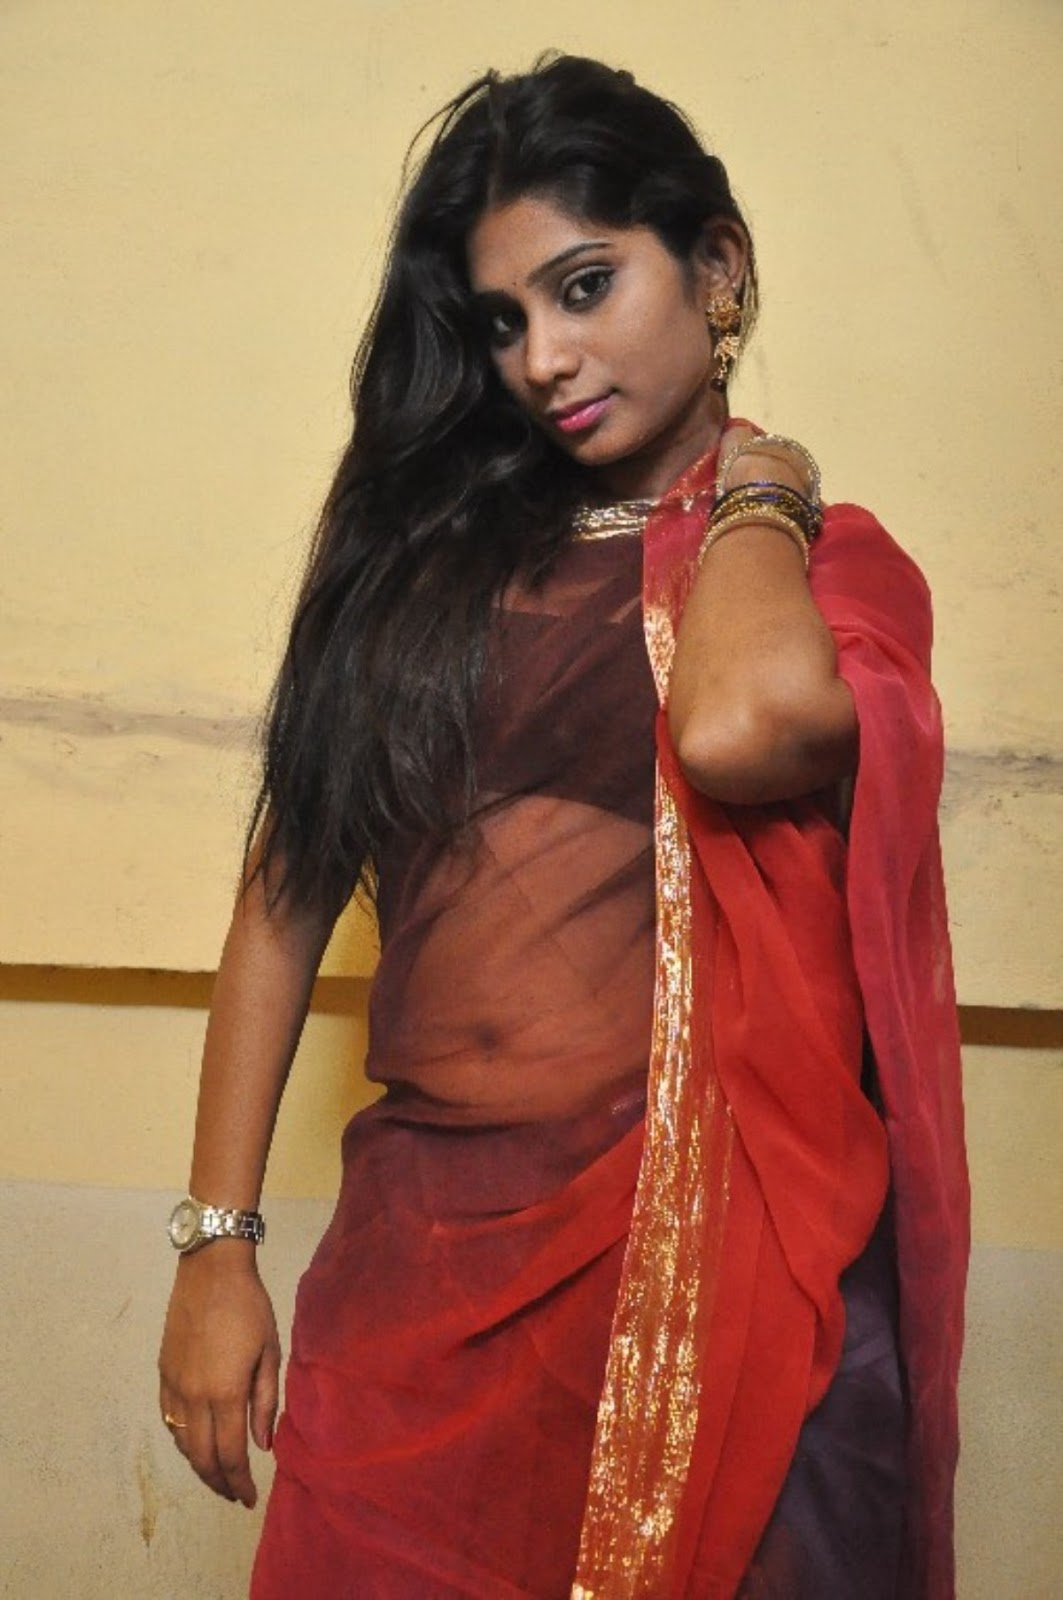 Midhuna Waliya Hot Navel Show Photos In Transparent Saree -5584